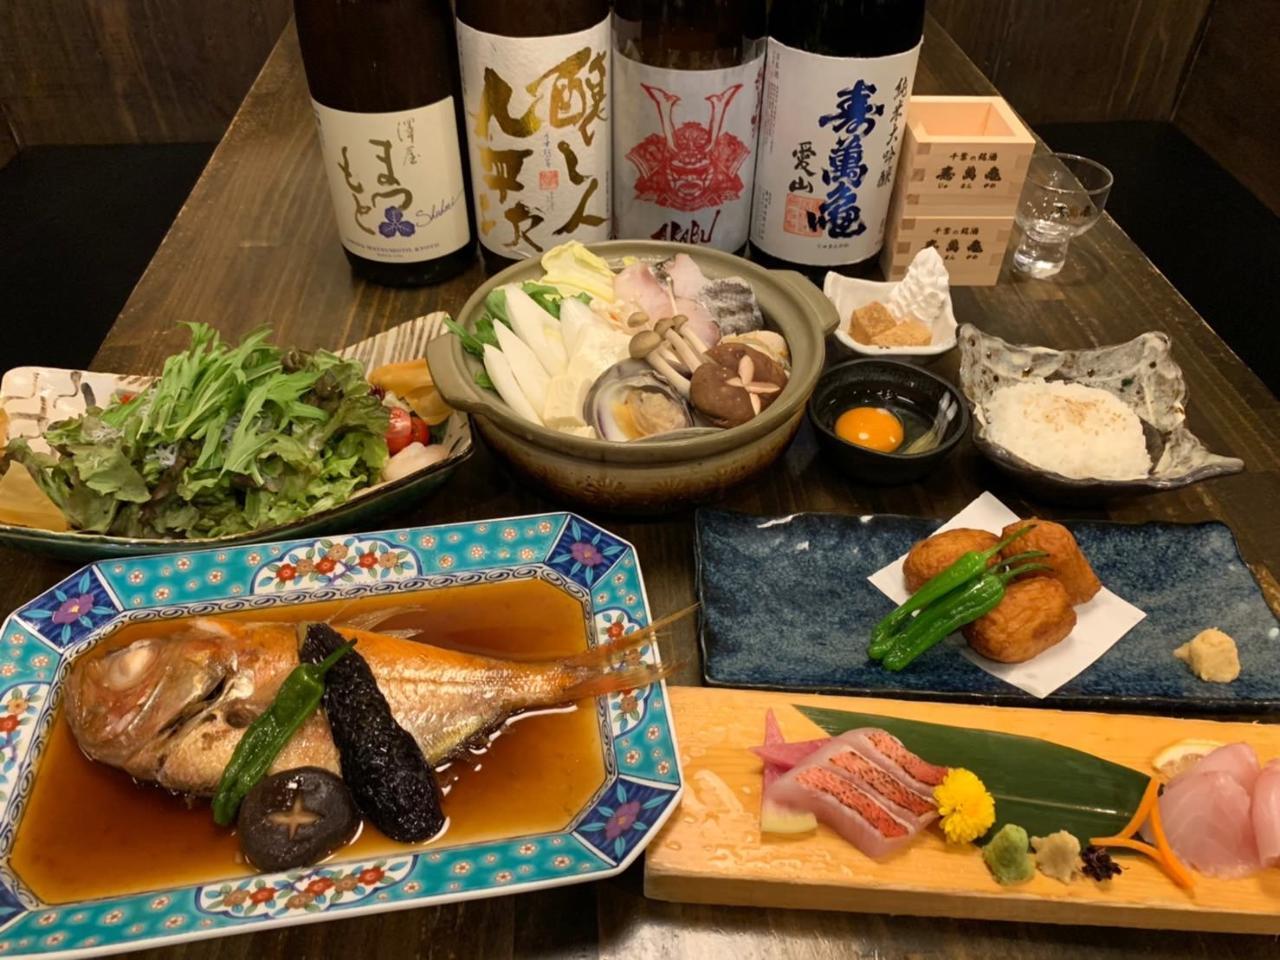 新宿三丁目で金目鯛がコースで味わえる居酒屋【ぞんぶん】